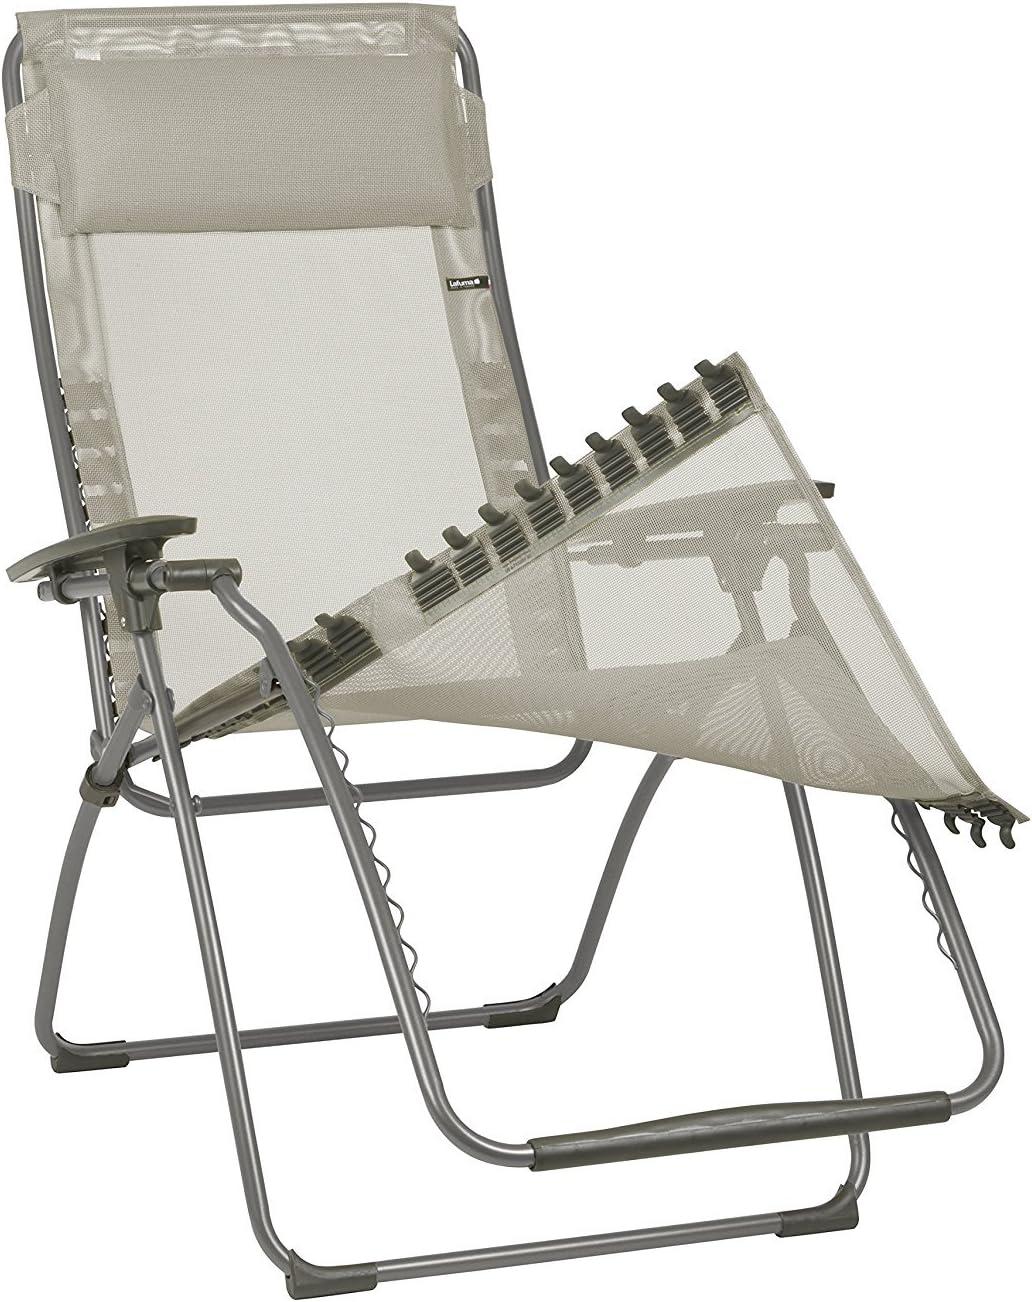 Azzuro LFM2676-8553 Lafuma Tessuto Batyline con poggiatesta per sedia a sdraio Futura Colore